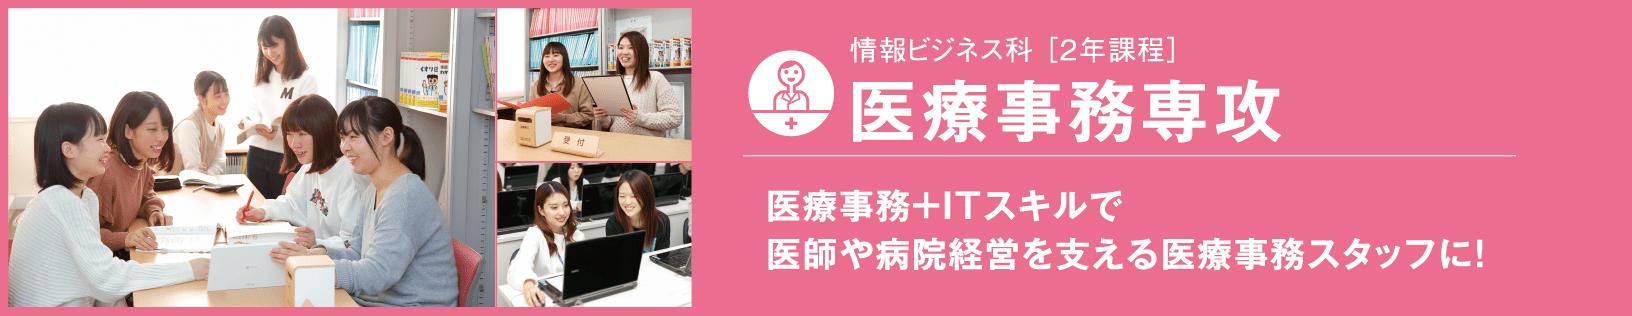 ビジネスパソコン科【2年課程】医療事務専攻